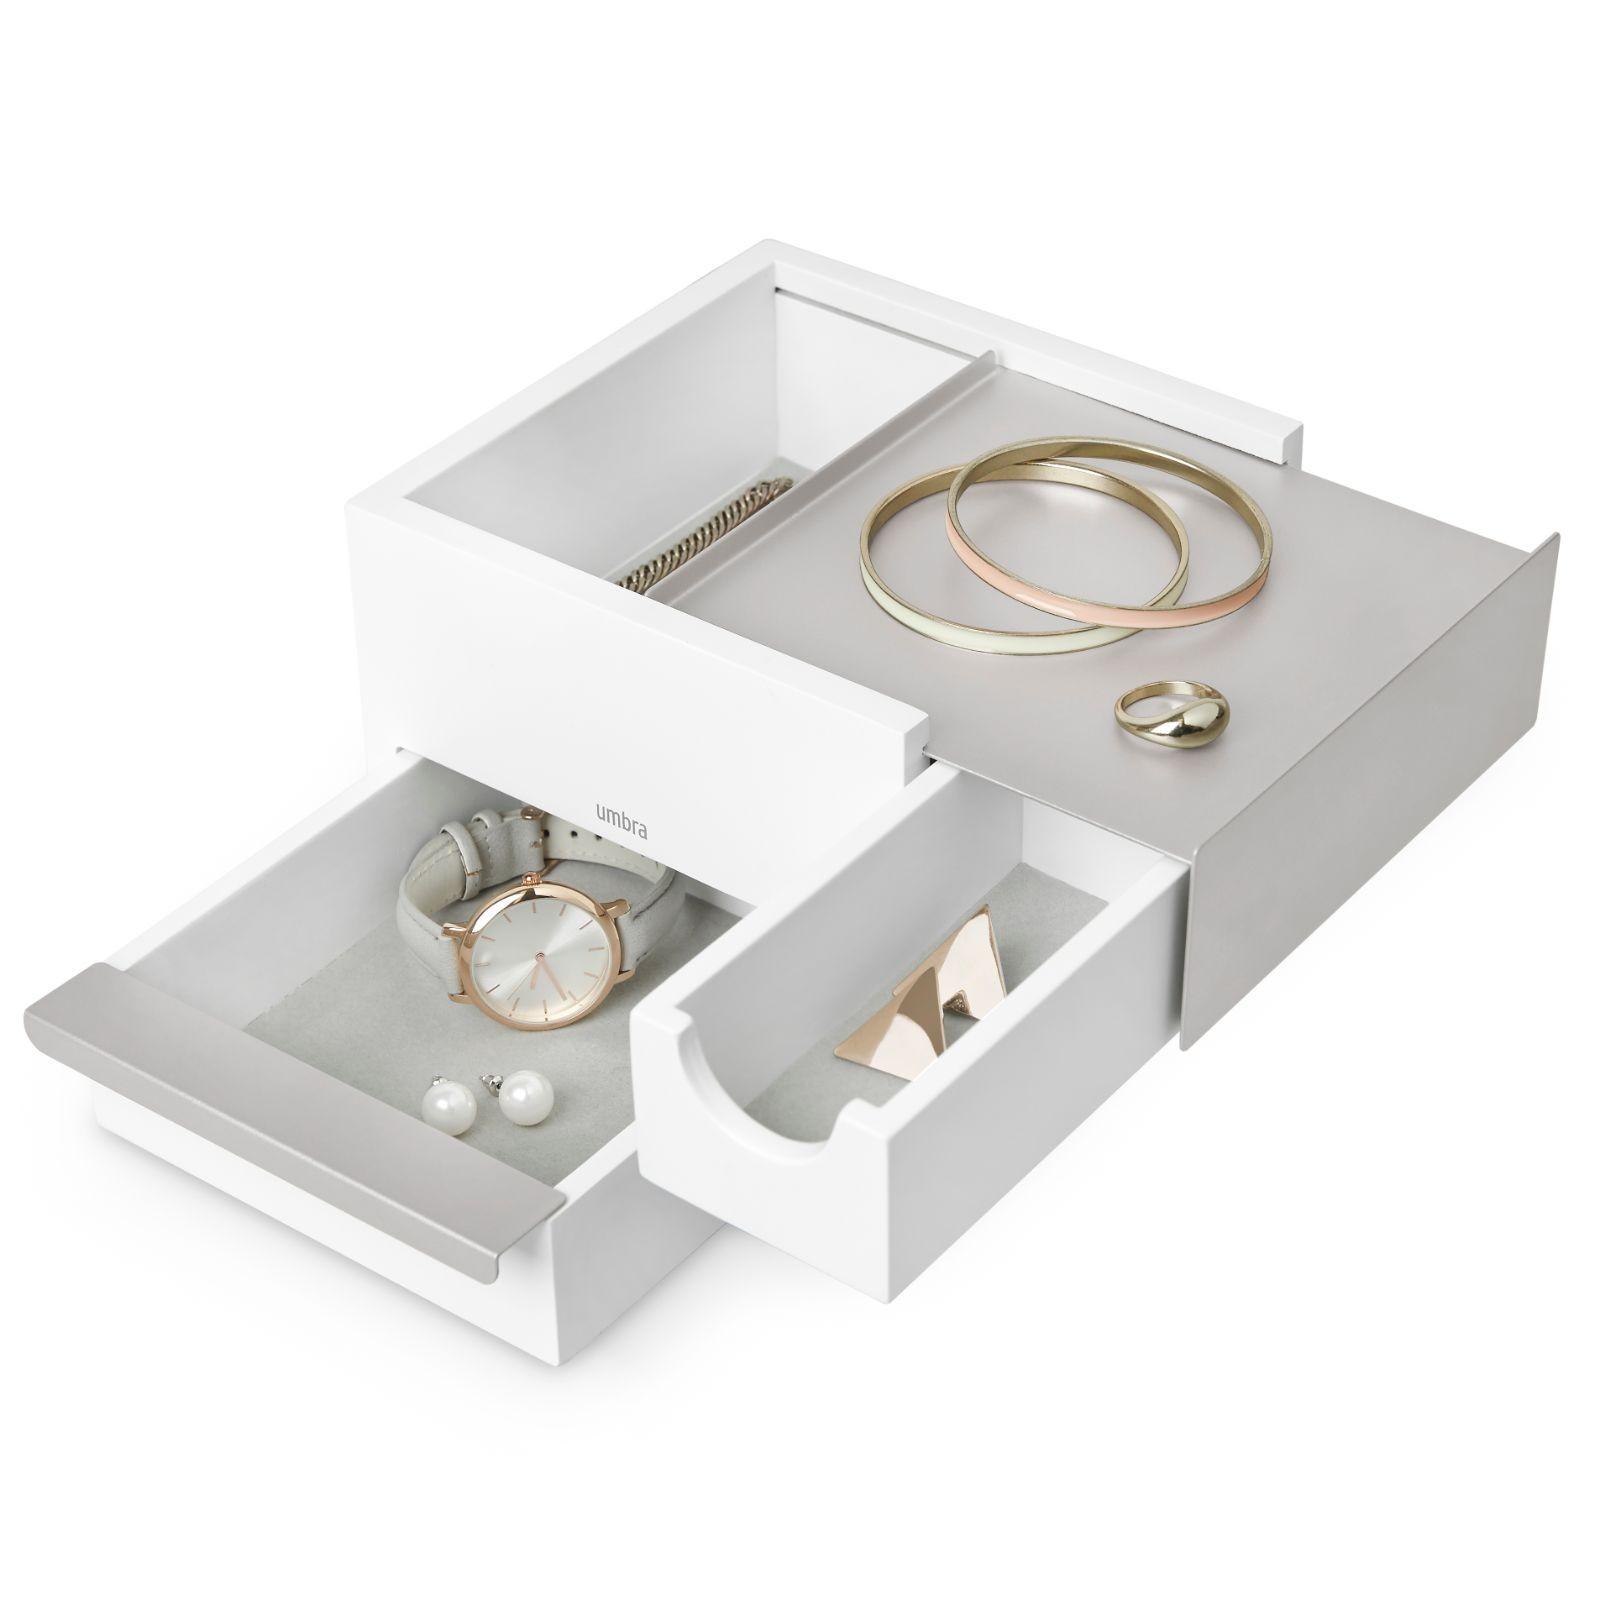 Κοσμηματοθήκη Mini Stowit (Λευκό/ Ασημί) - Umbra